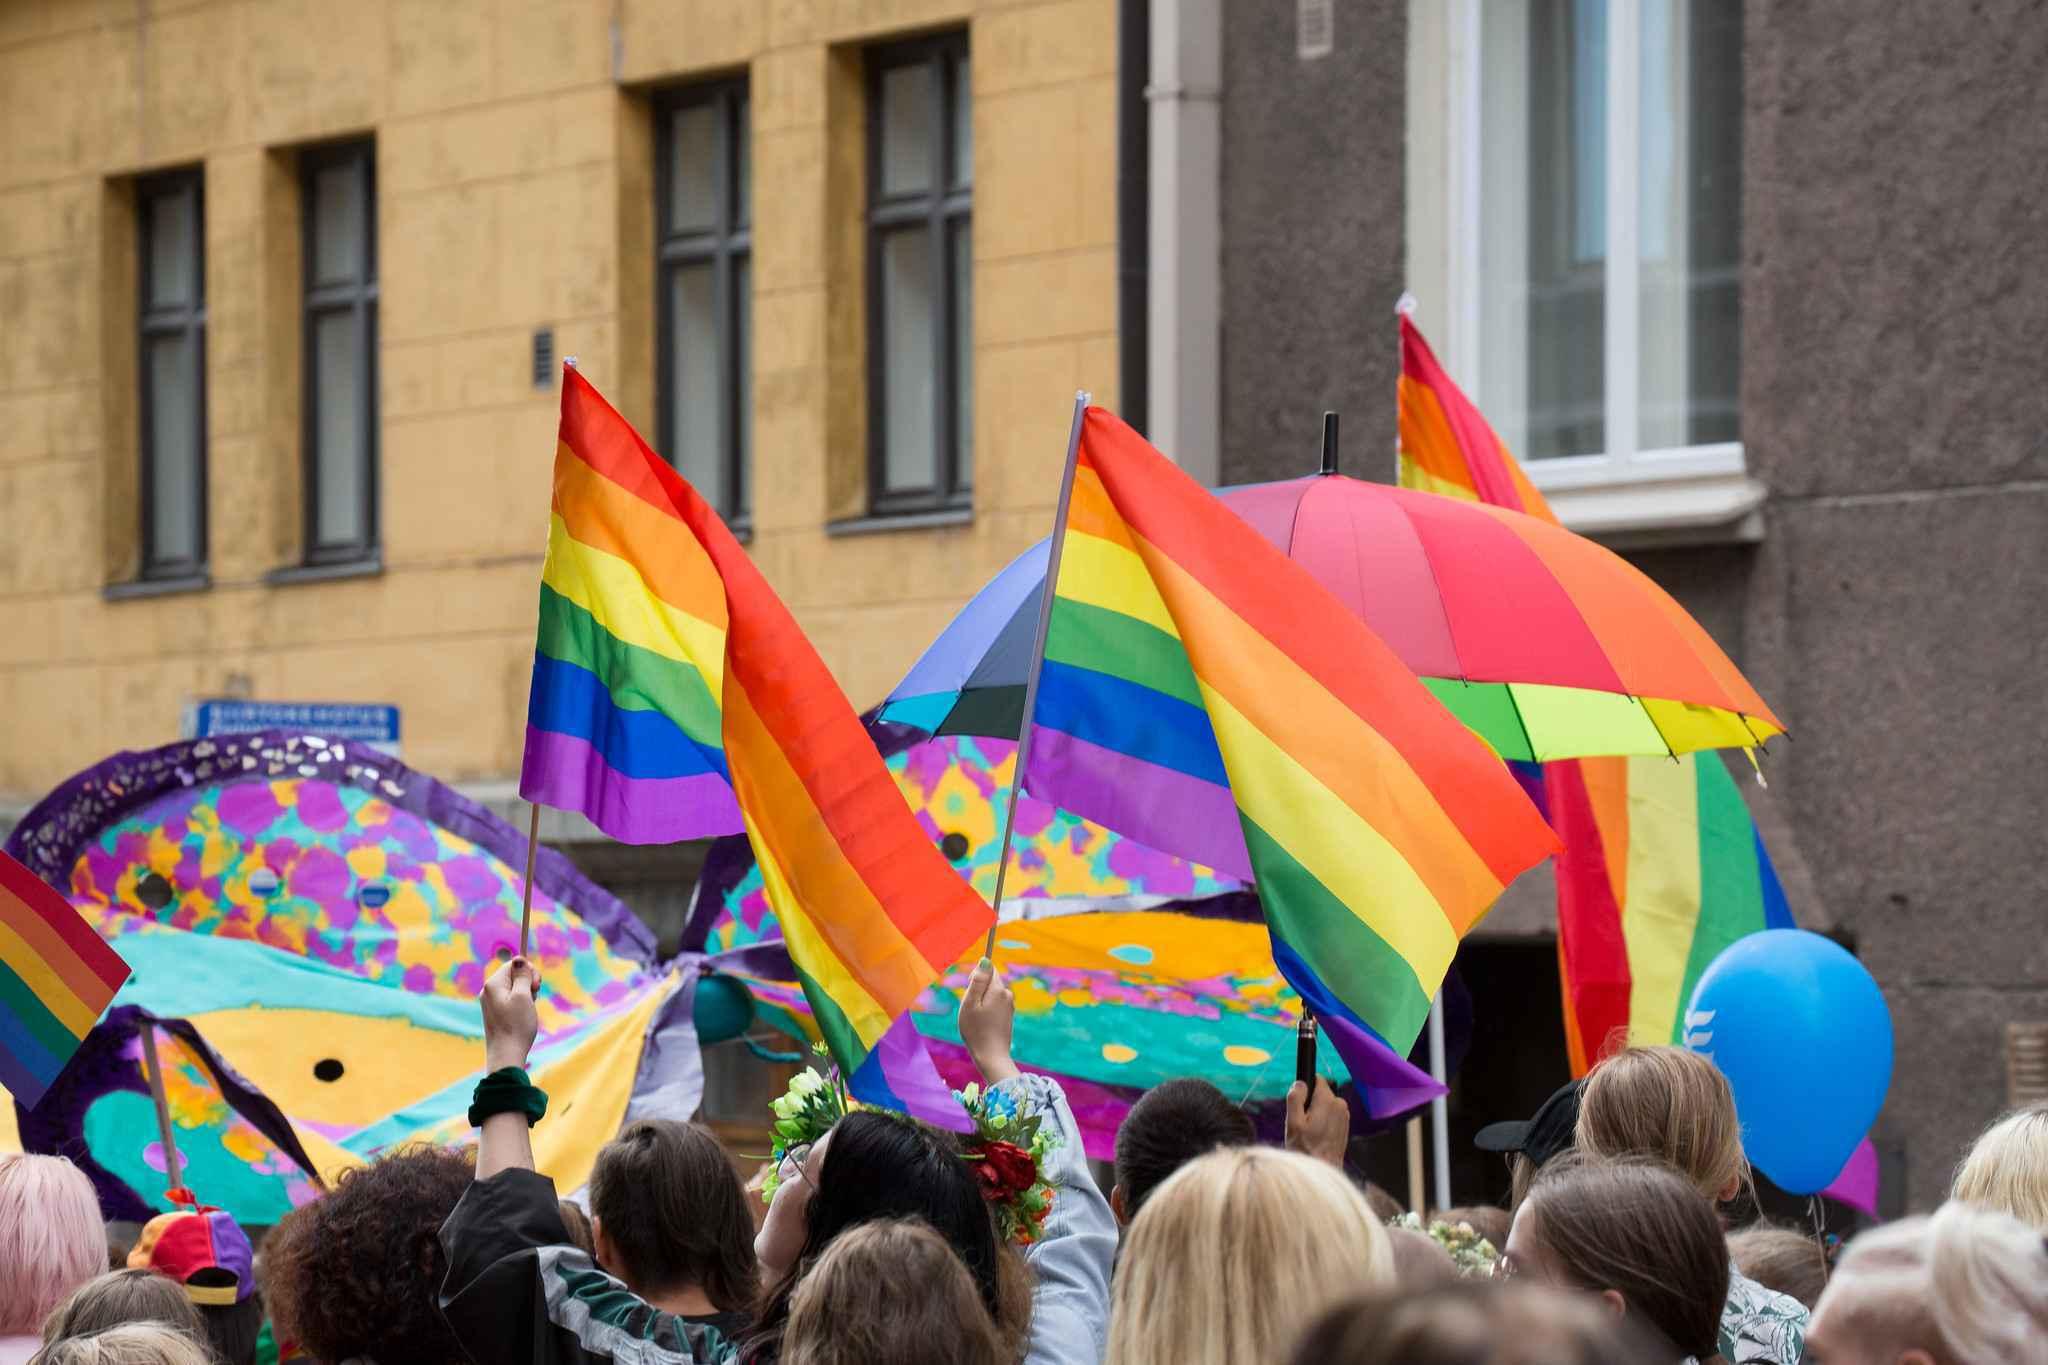 17 de maio foi escolhida como data de luta por ter sido o dia quando, em 1990, a OMS retirou a homossexualidade de sua lista de doenças